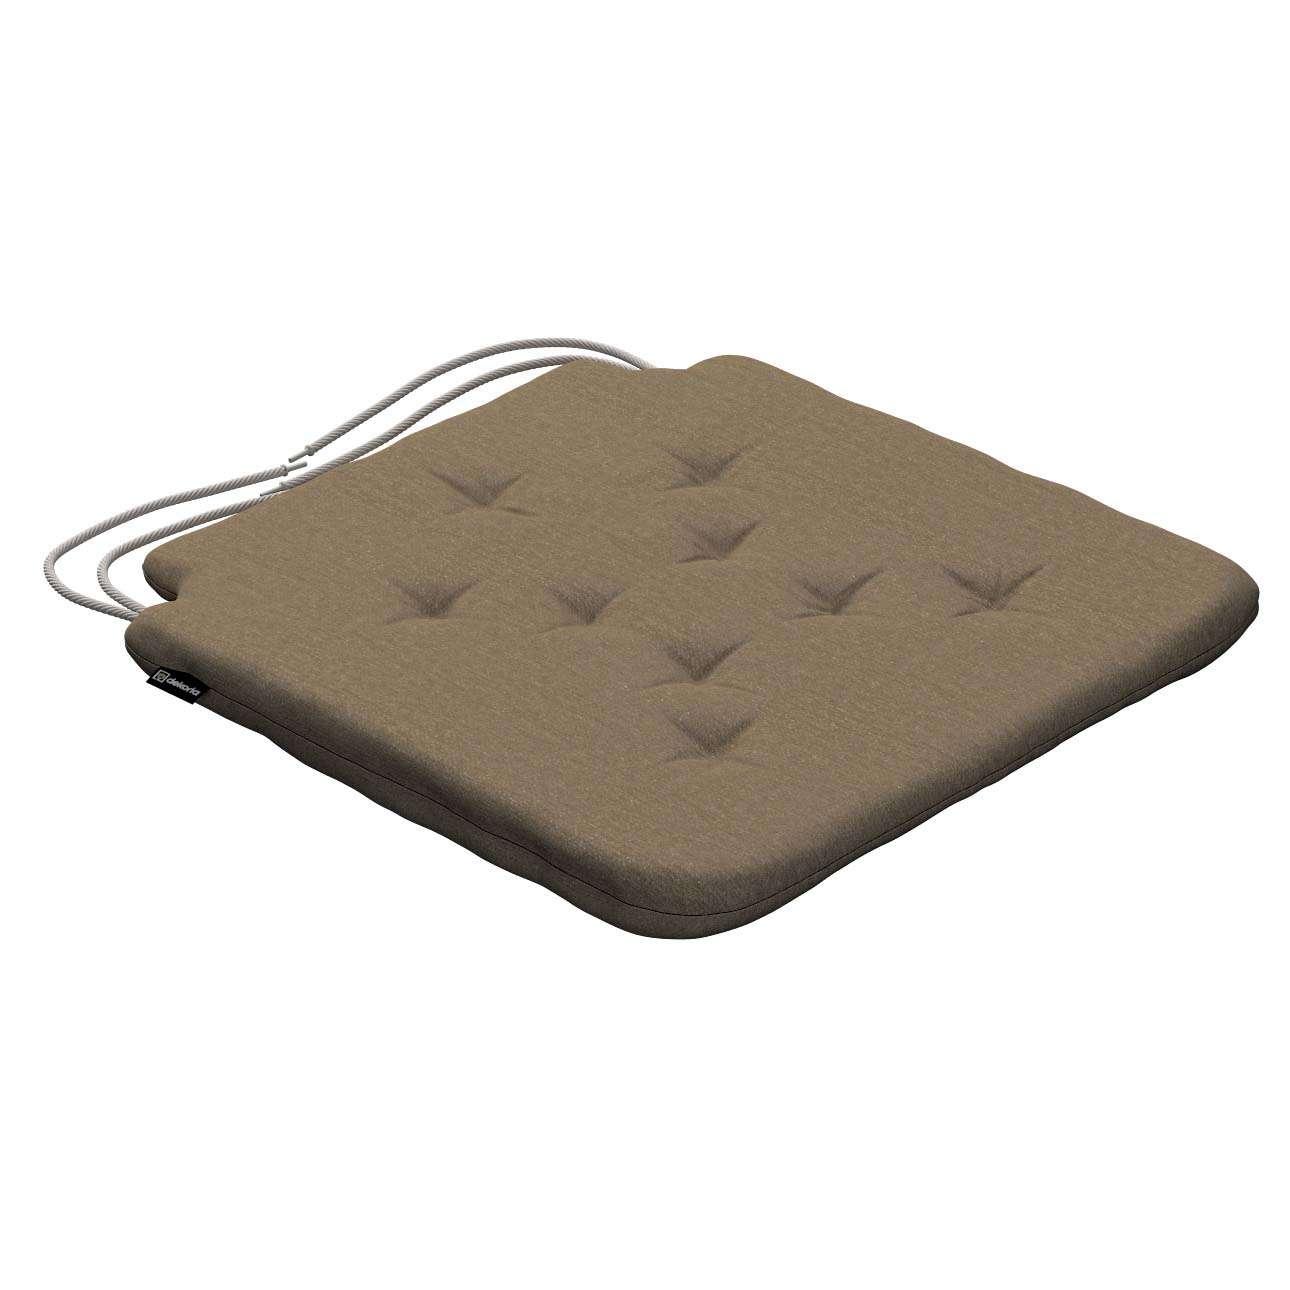 Siedzisko Olek na krzesło 42x41x3,5cm w kolekcji Chenille, tkanina: 702-21